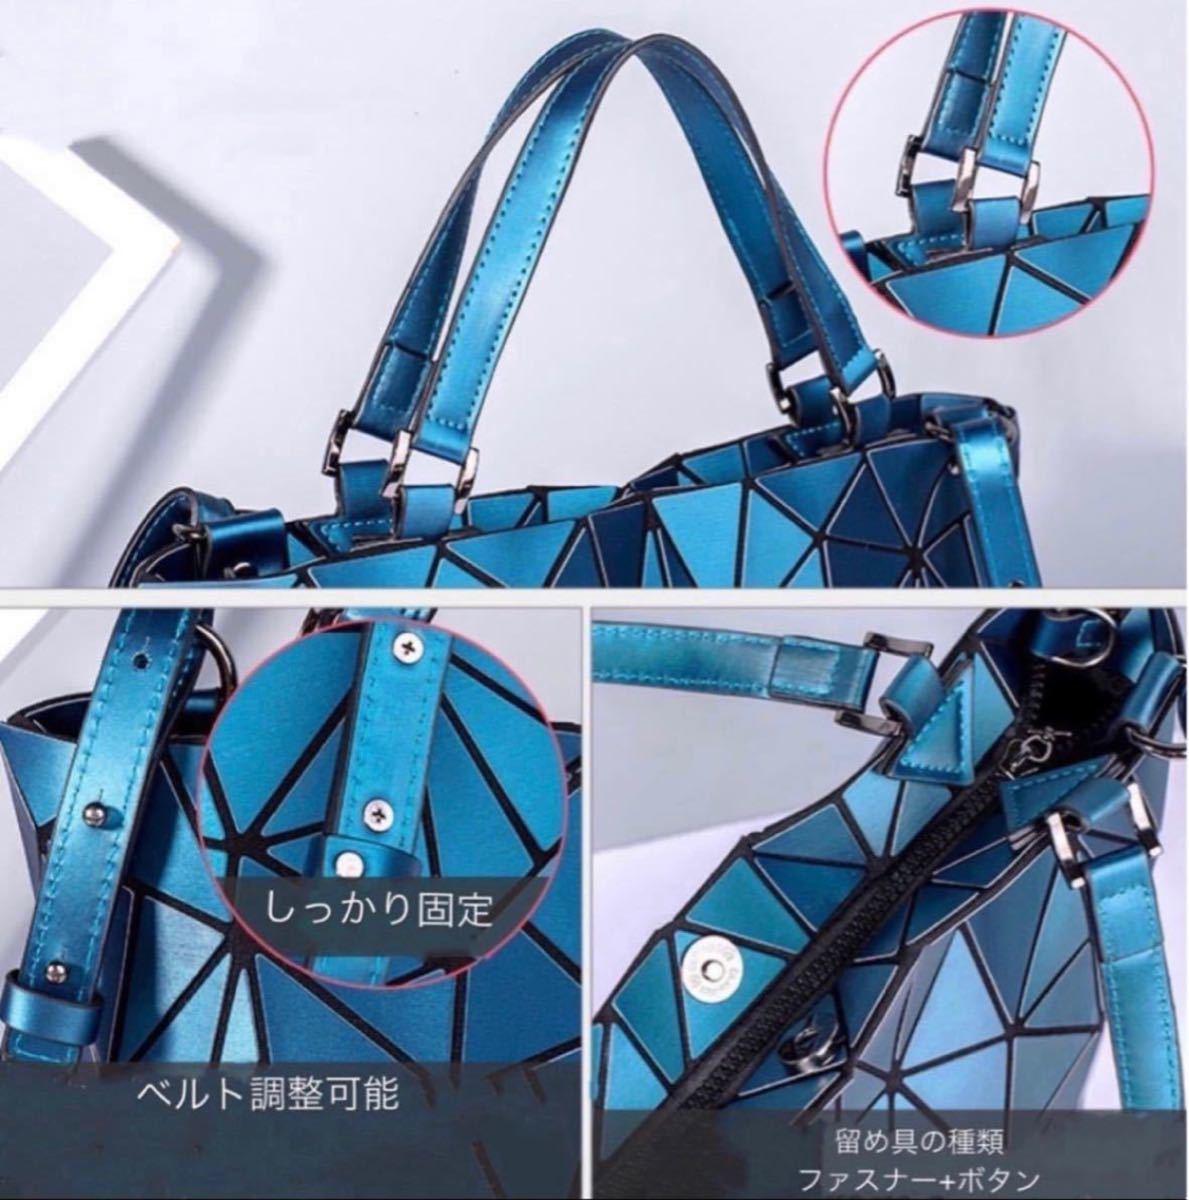 レディースバッグ ショルダーバッグ ハンドバッグ トートバッグ 大容量 多機能 肩掛け 2way シルバー